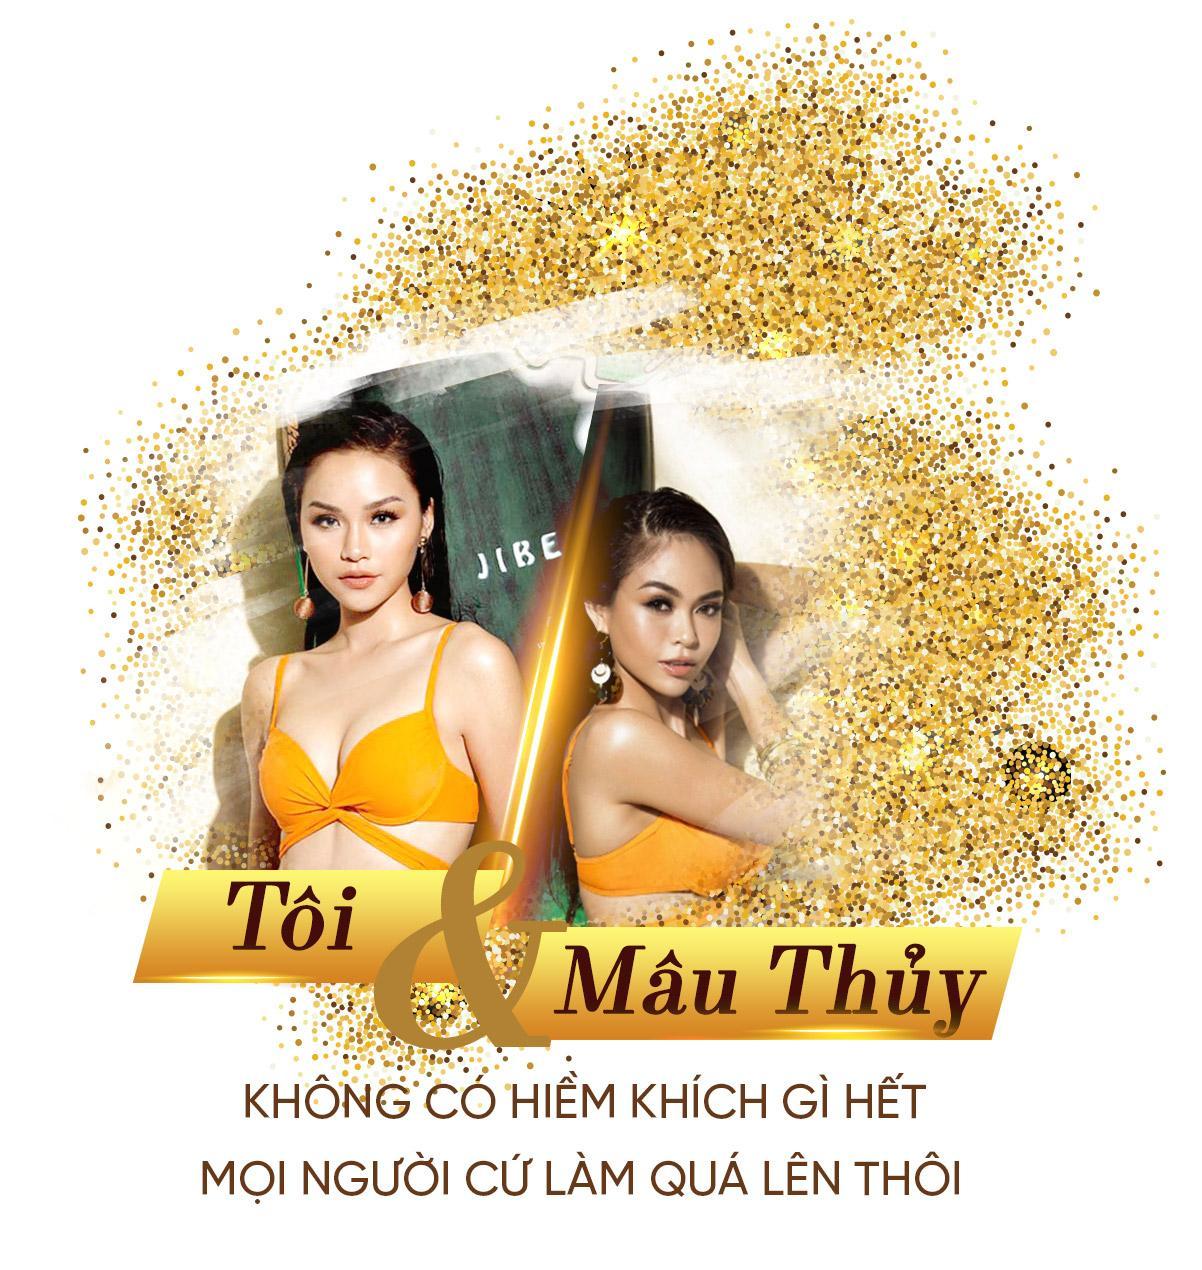 Lê Thu Trang - cô gái đá váy Mâu Thủy: Tôi sẽ là đối thủ đáng gờm tại Hoa hậu Hoàn vũ Việt Nam 2019-2